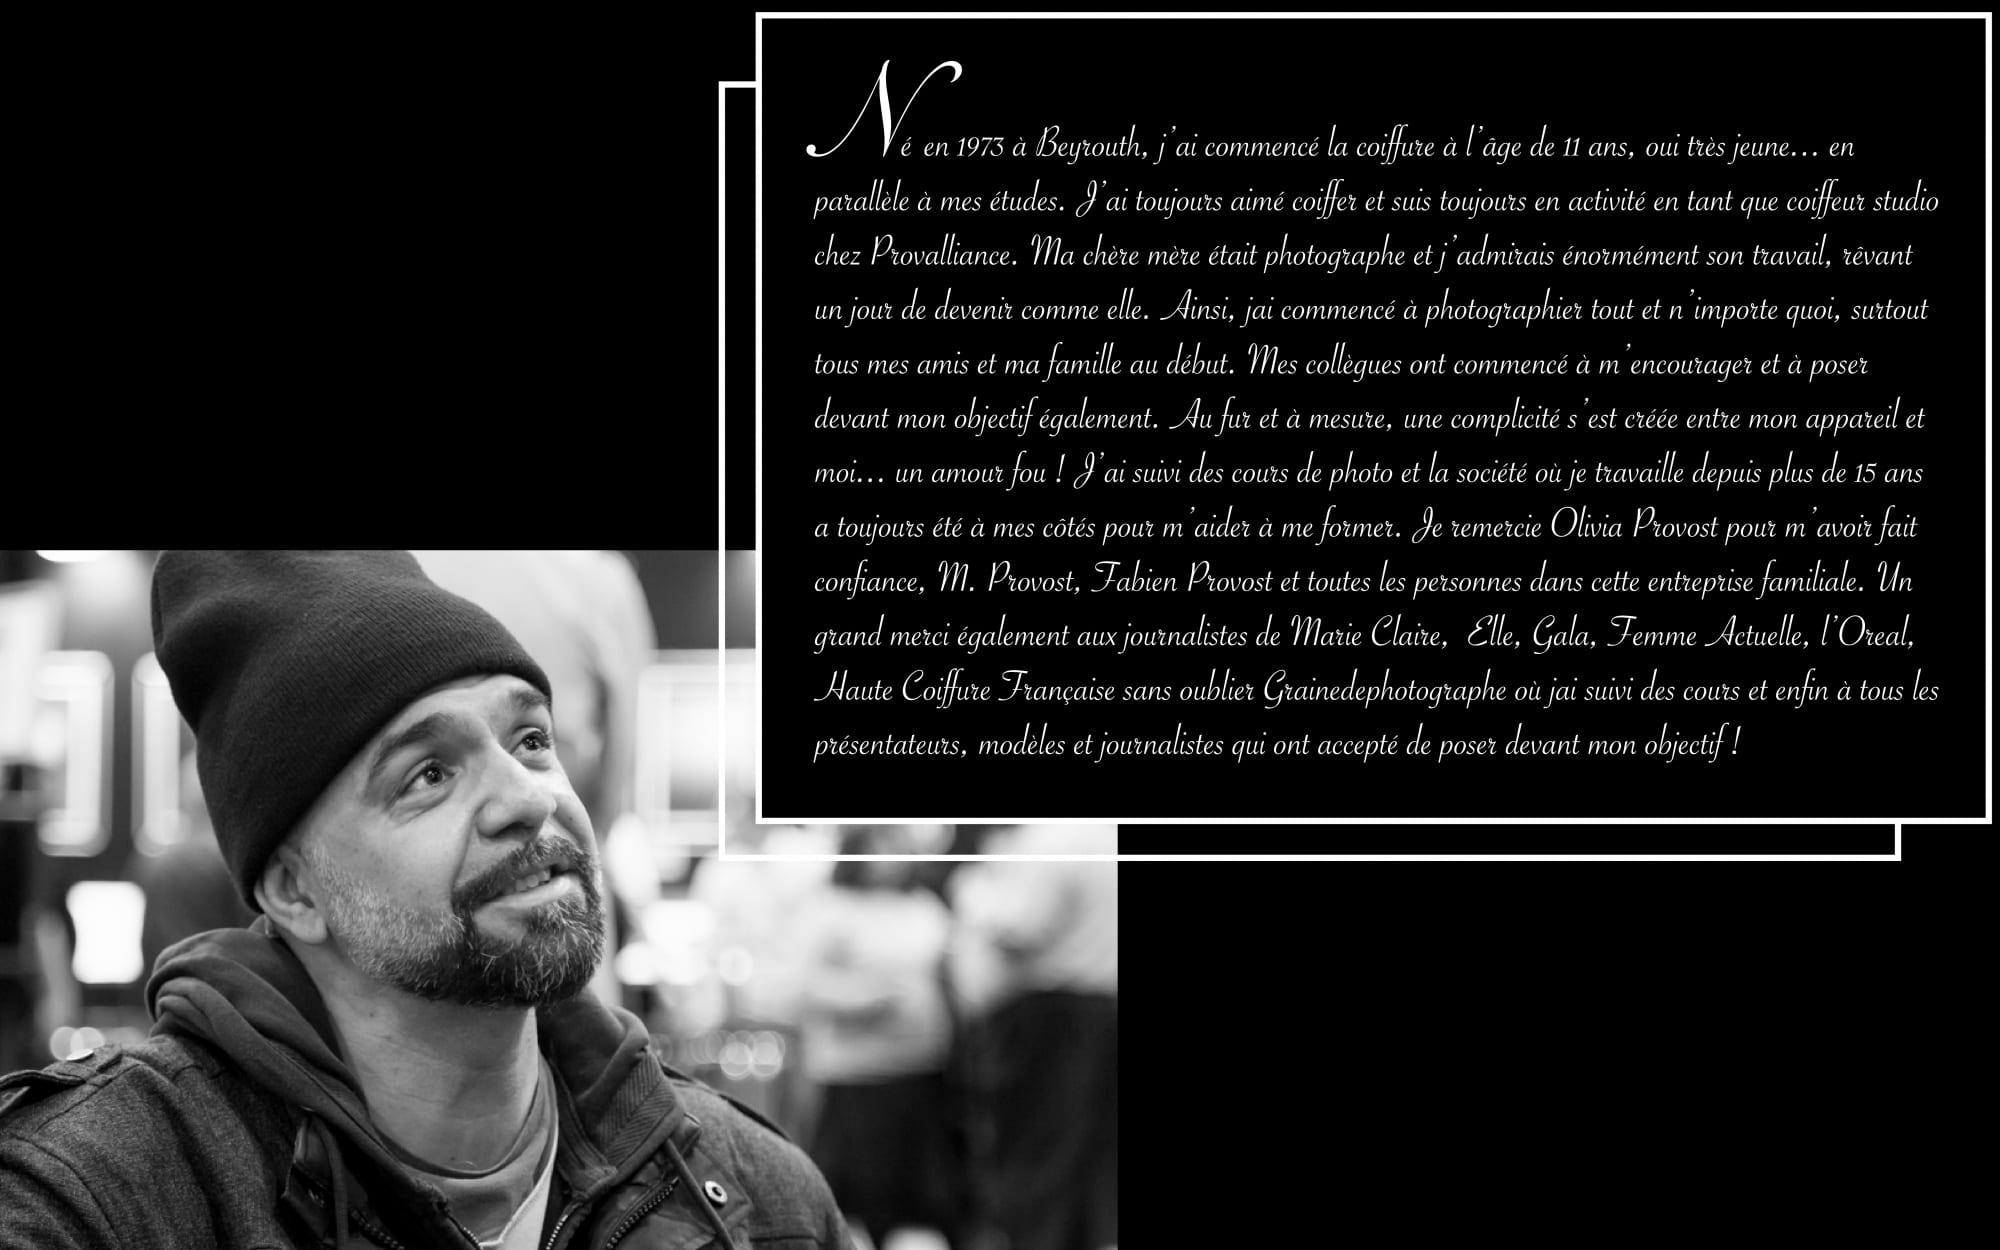 Marwan Moussa est un photographe mode, portrait et événementiel libanais basé à Paris. Egalement coiffeur, il couvre de nombreux événements coiffure. https://marwanmoussa.com